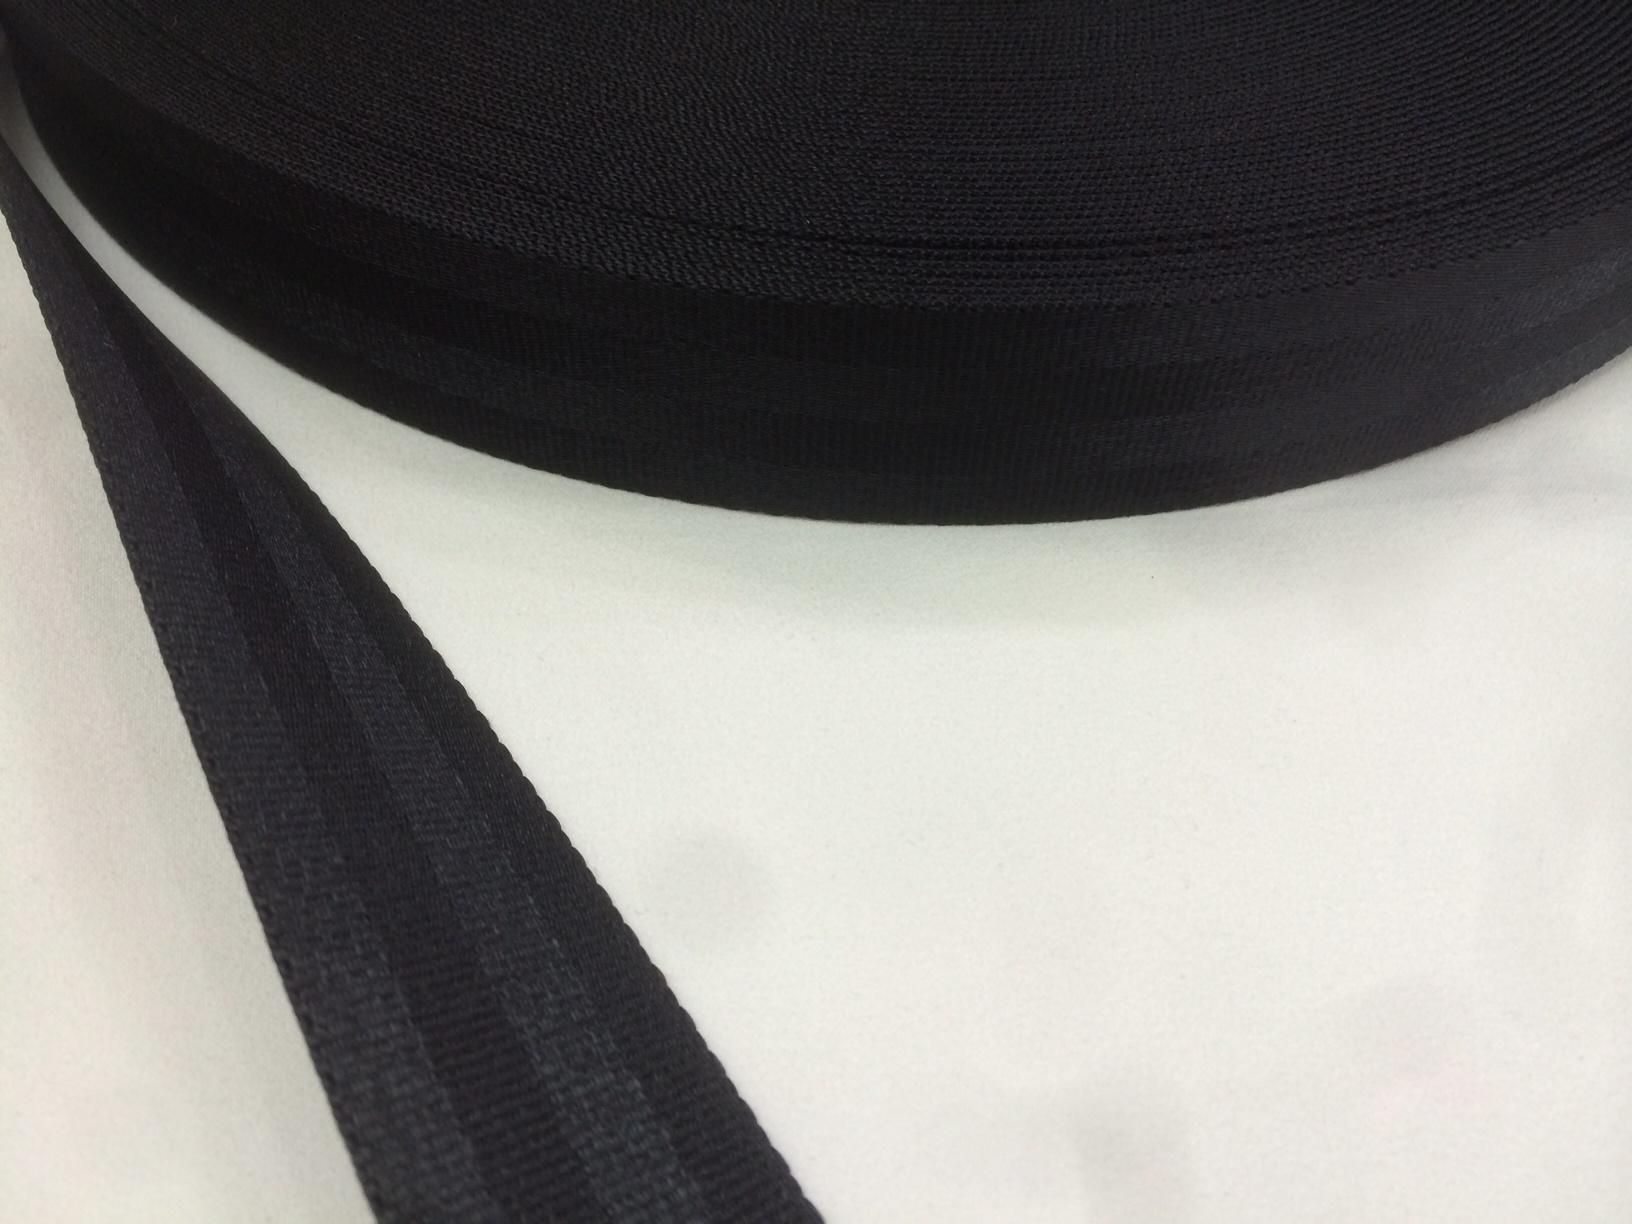 ナイロン ベルト 二つ山織 20㎜幅 1.6㎜厚 黒 5m単位